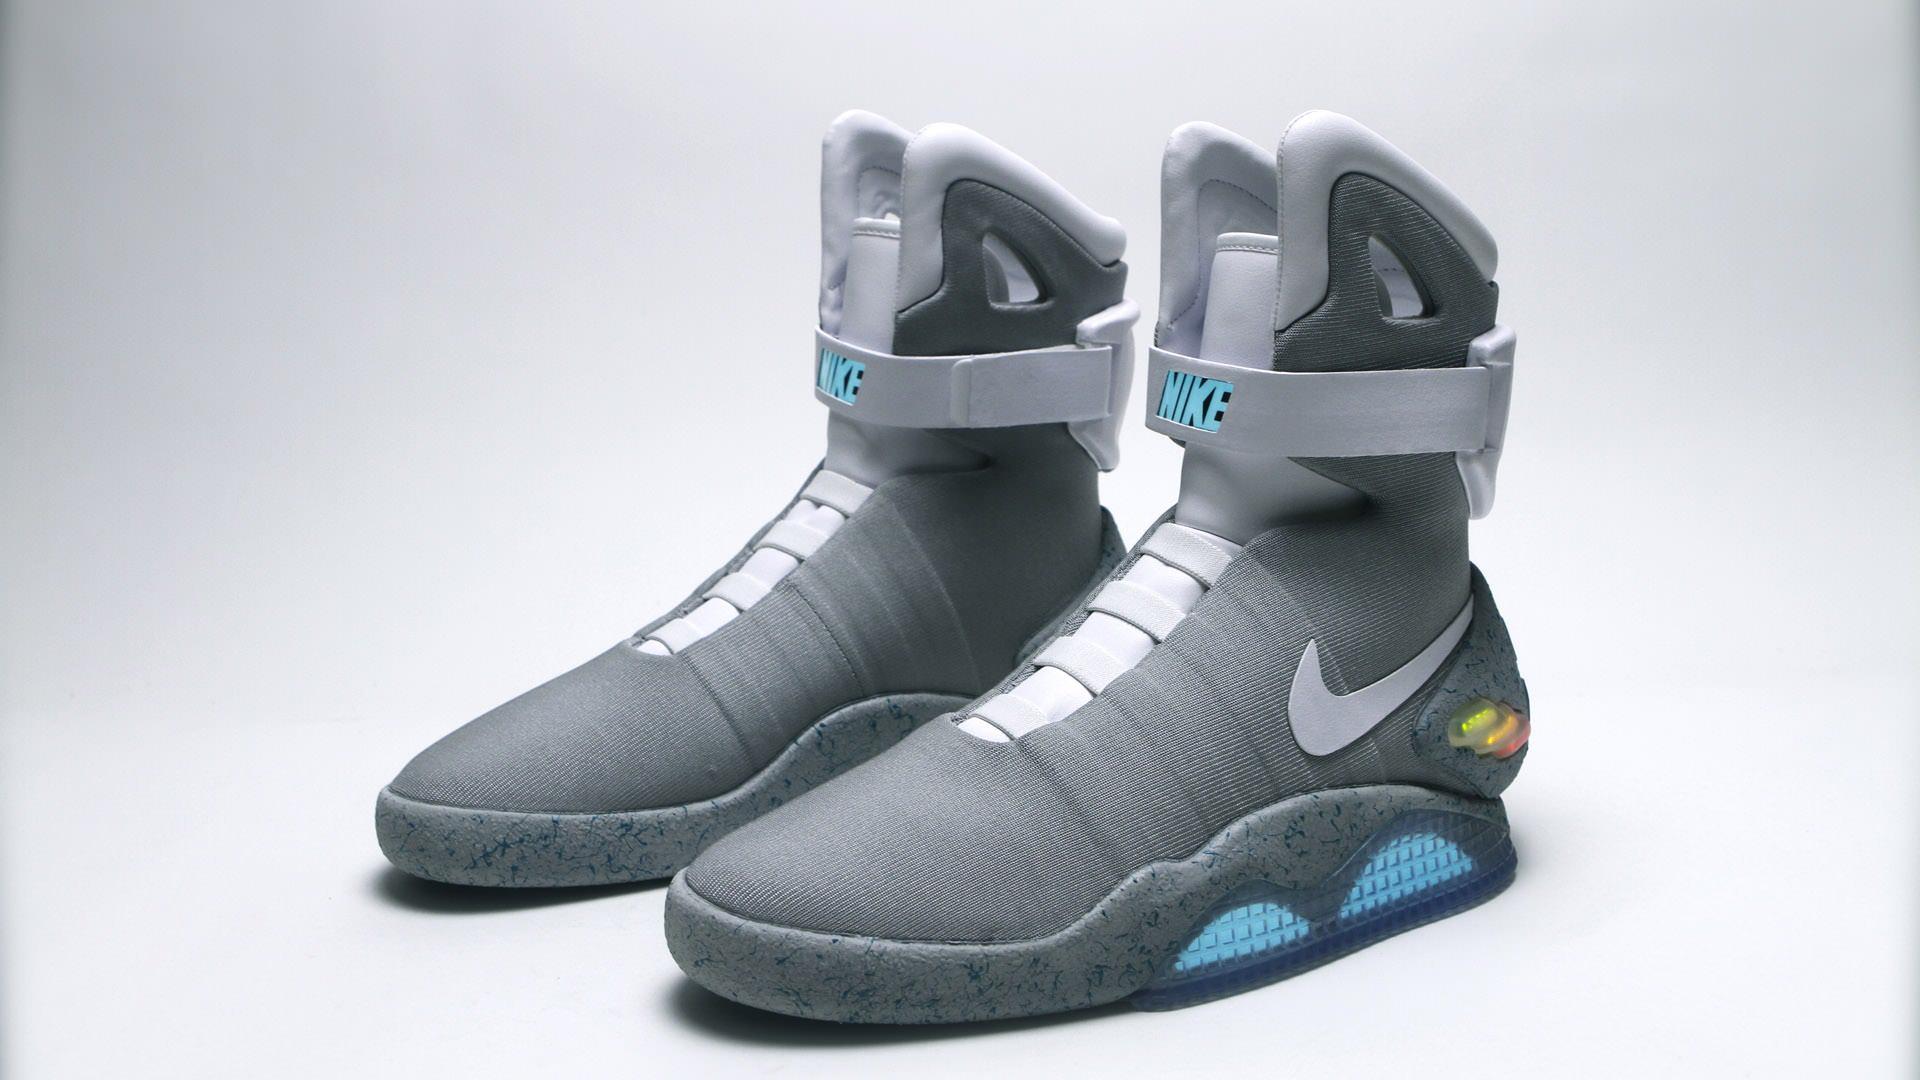 Di Al Ritorno Nike Scarpe Le Futuro Futuro Conferma pwqtg4Zg7x